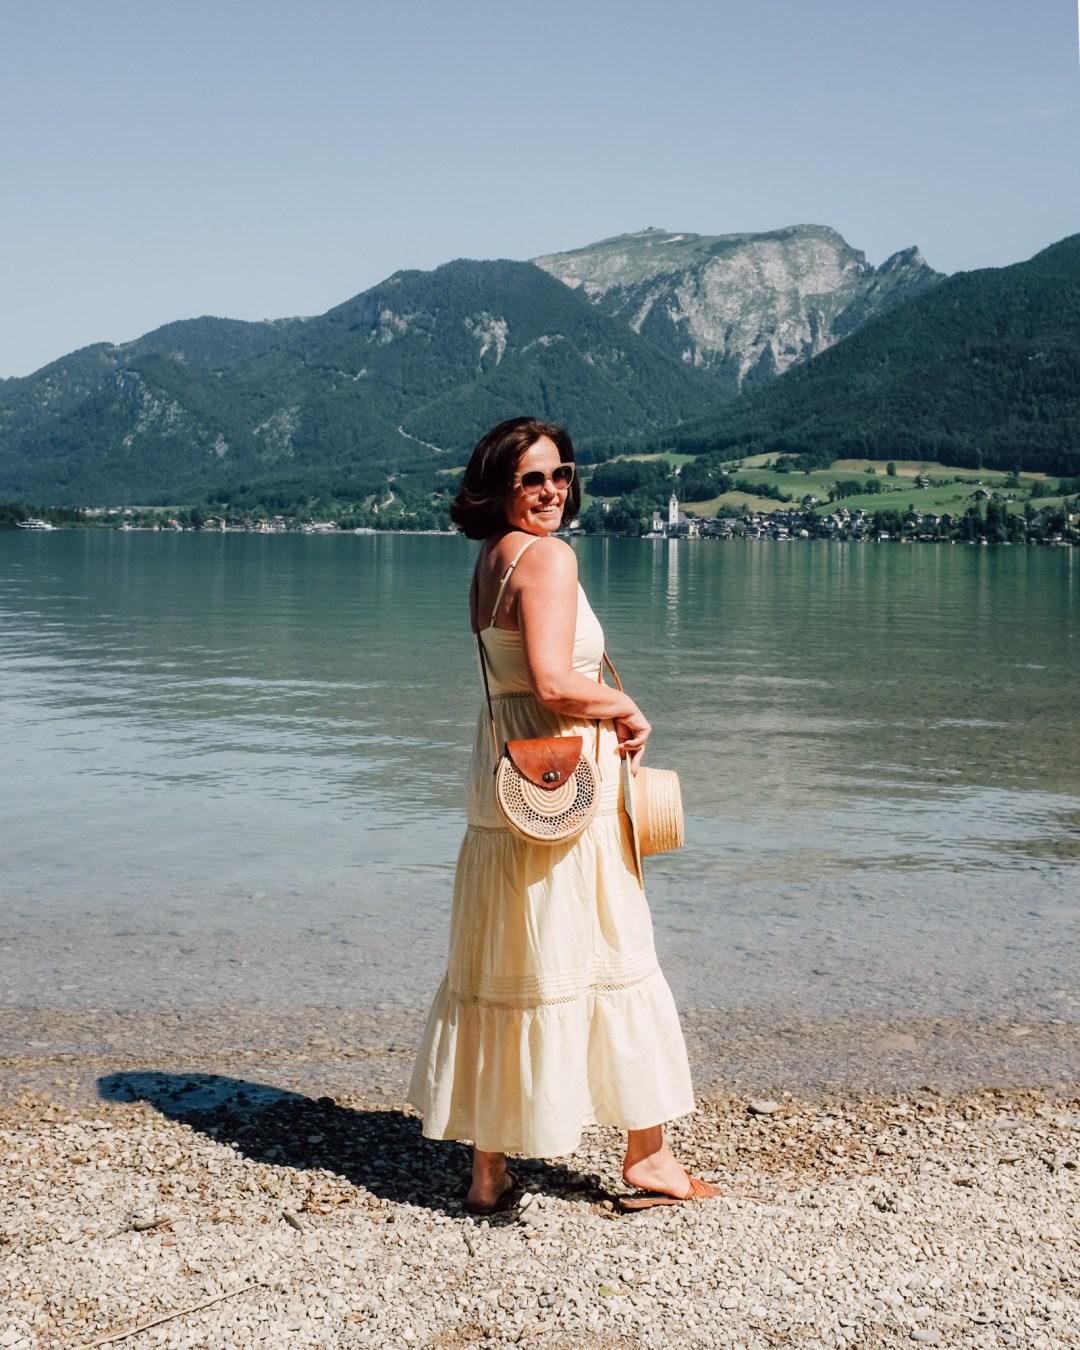 Inastil, Wolfgangsee, Swimmingpool, Baden, Schwimmen, Sommer, Österreich, Nuxe, Ü50, Garten, Ü50Blogger, Stilberatung,_